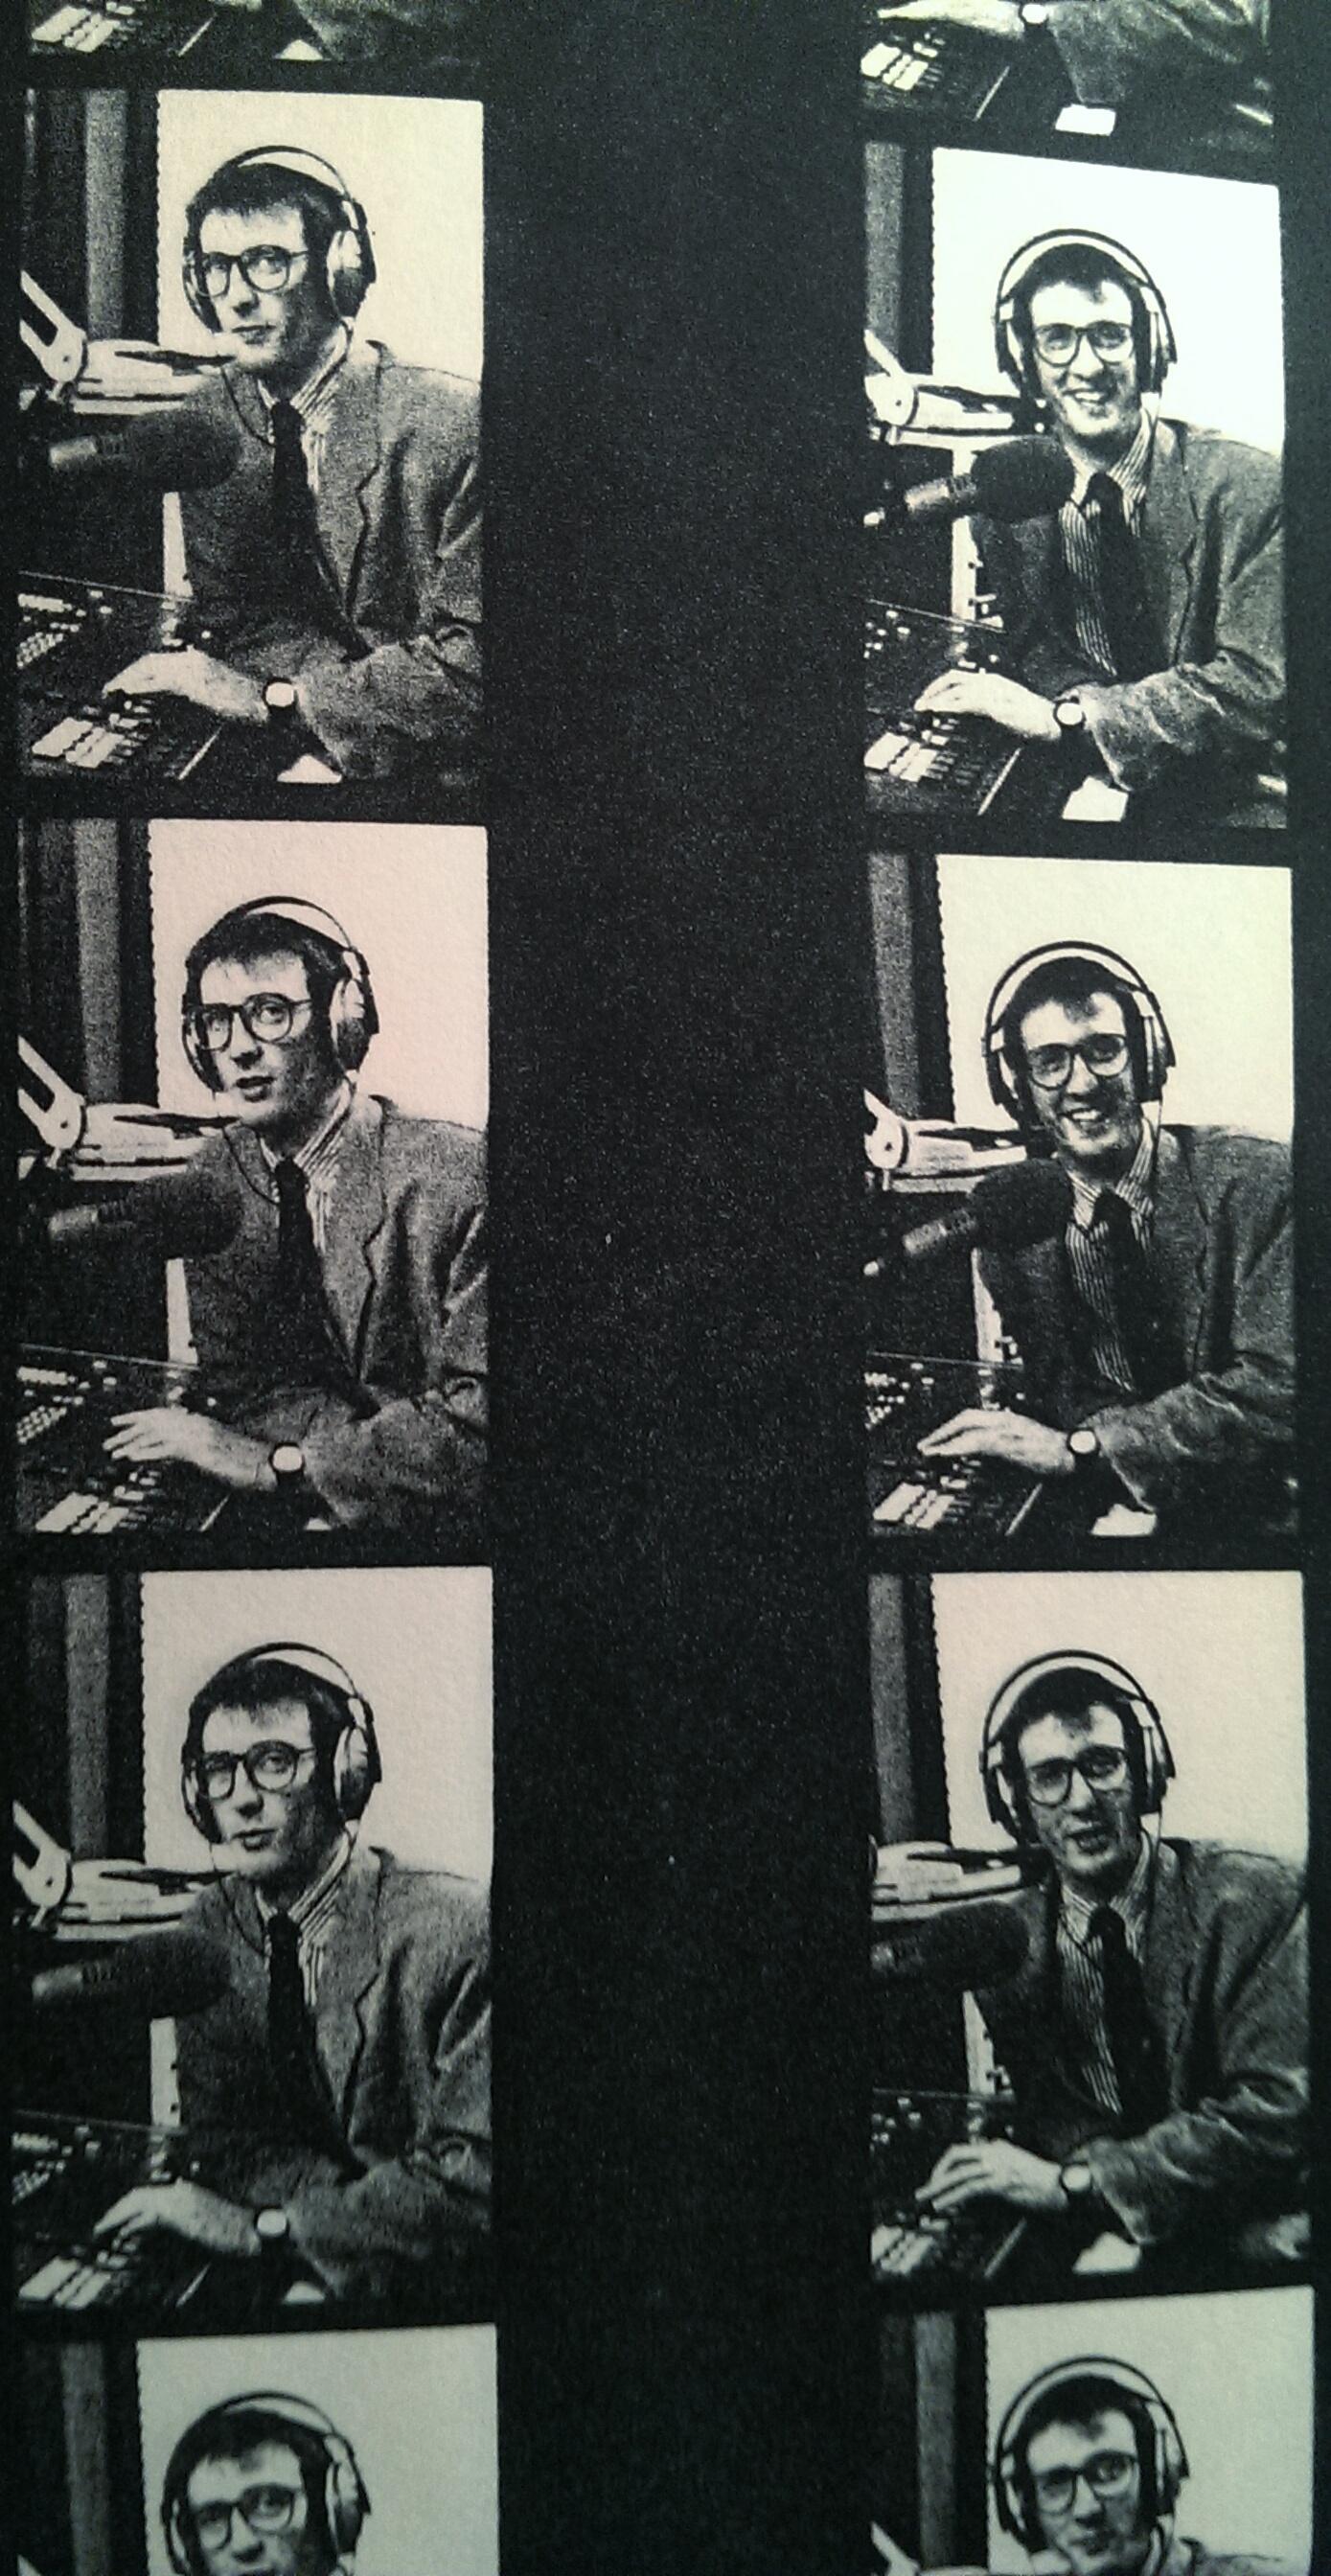 Die Vermarktung war wichtig. Die Kaufland-Postille unser bevorzugtes Werbemedium. Dafür wurden Fotos gebraucht.